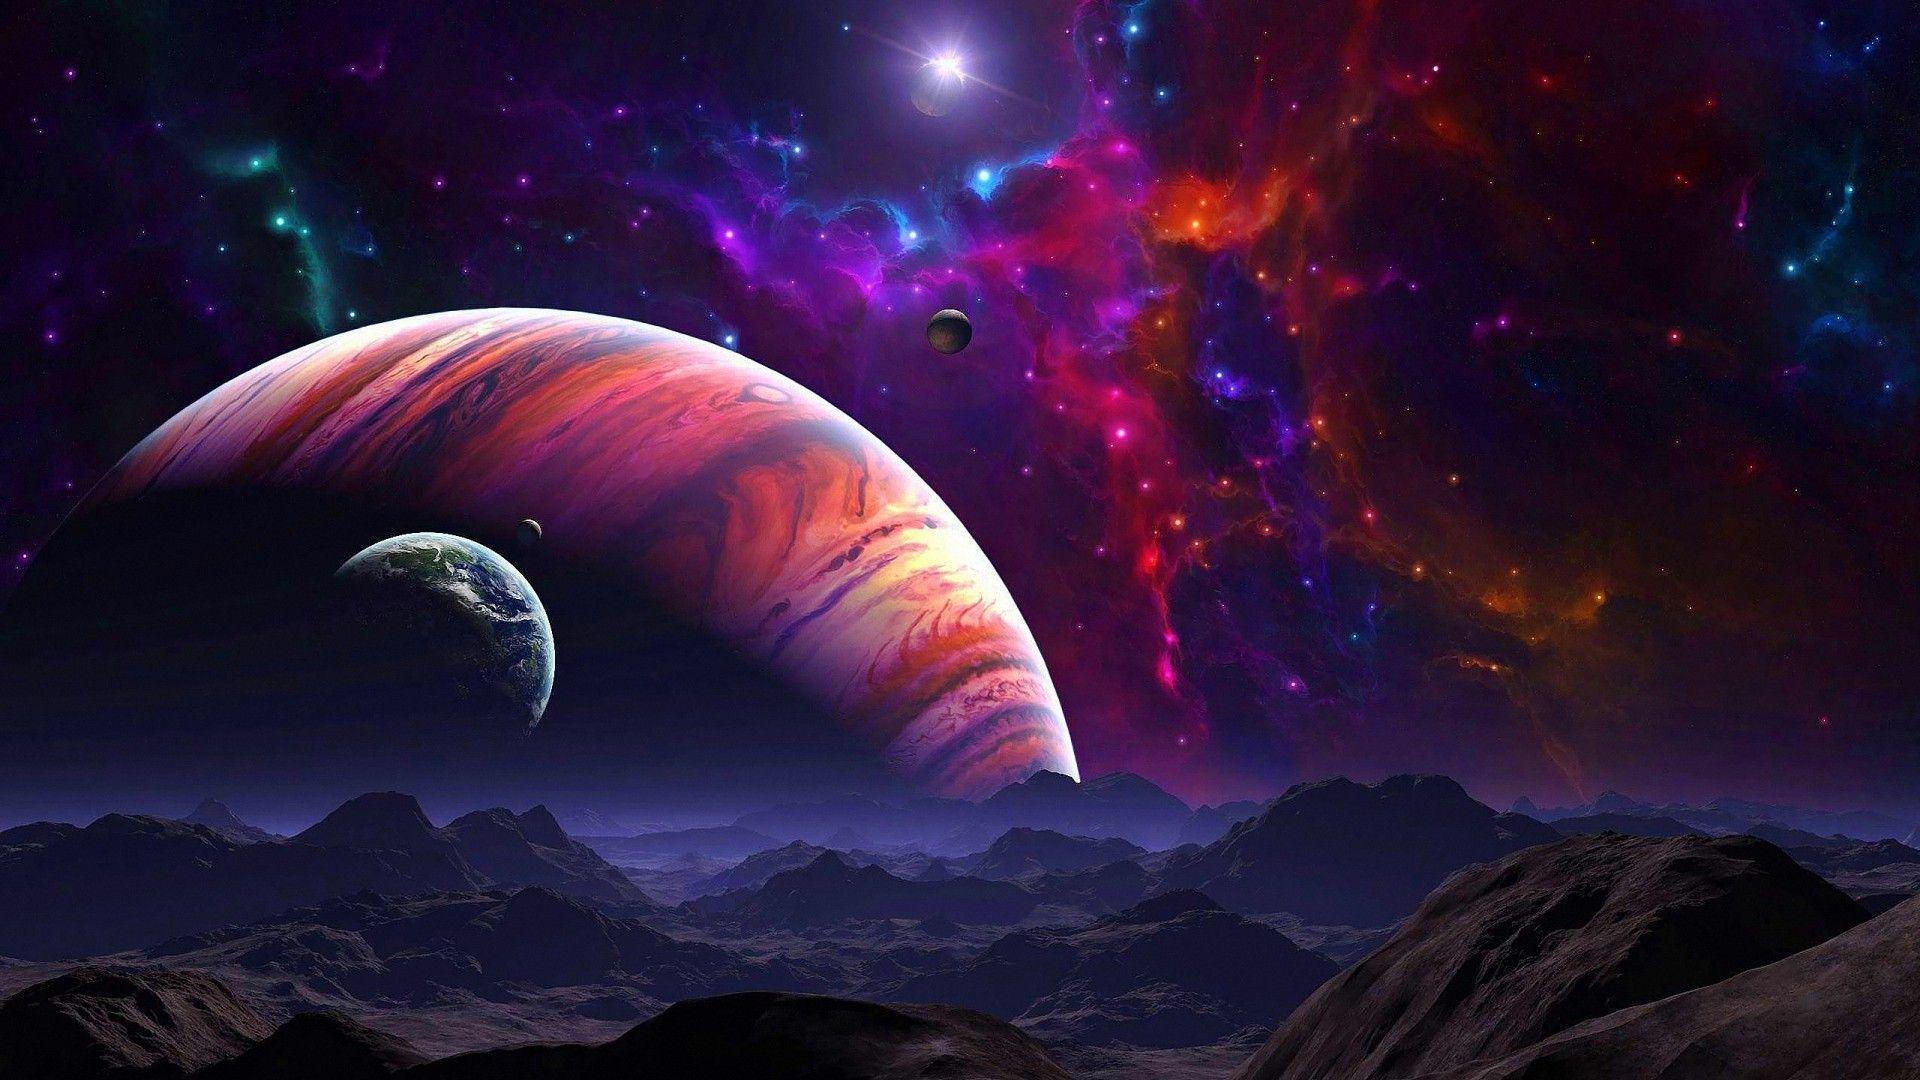 colorful planet galaxy landscape HD backgrounds - desktop ...